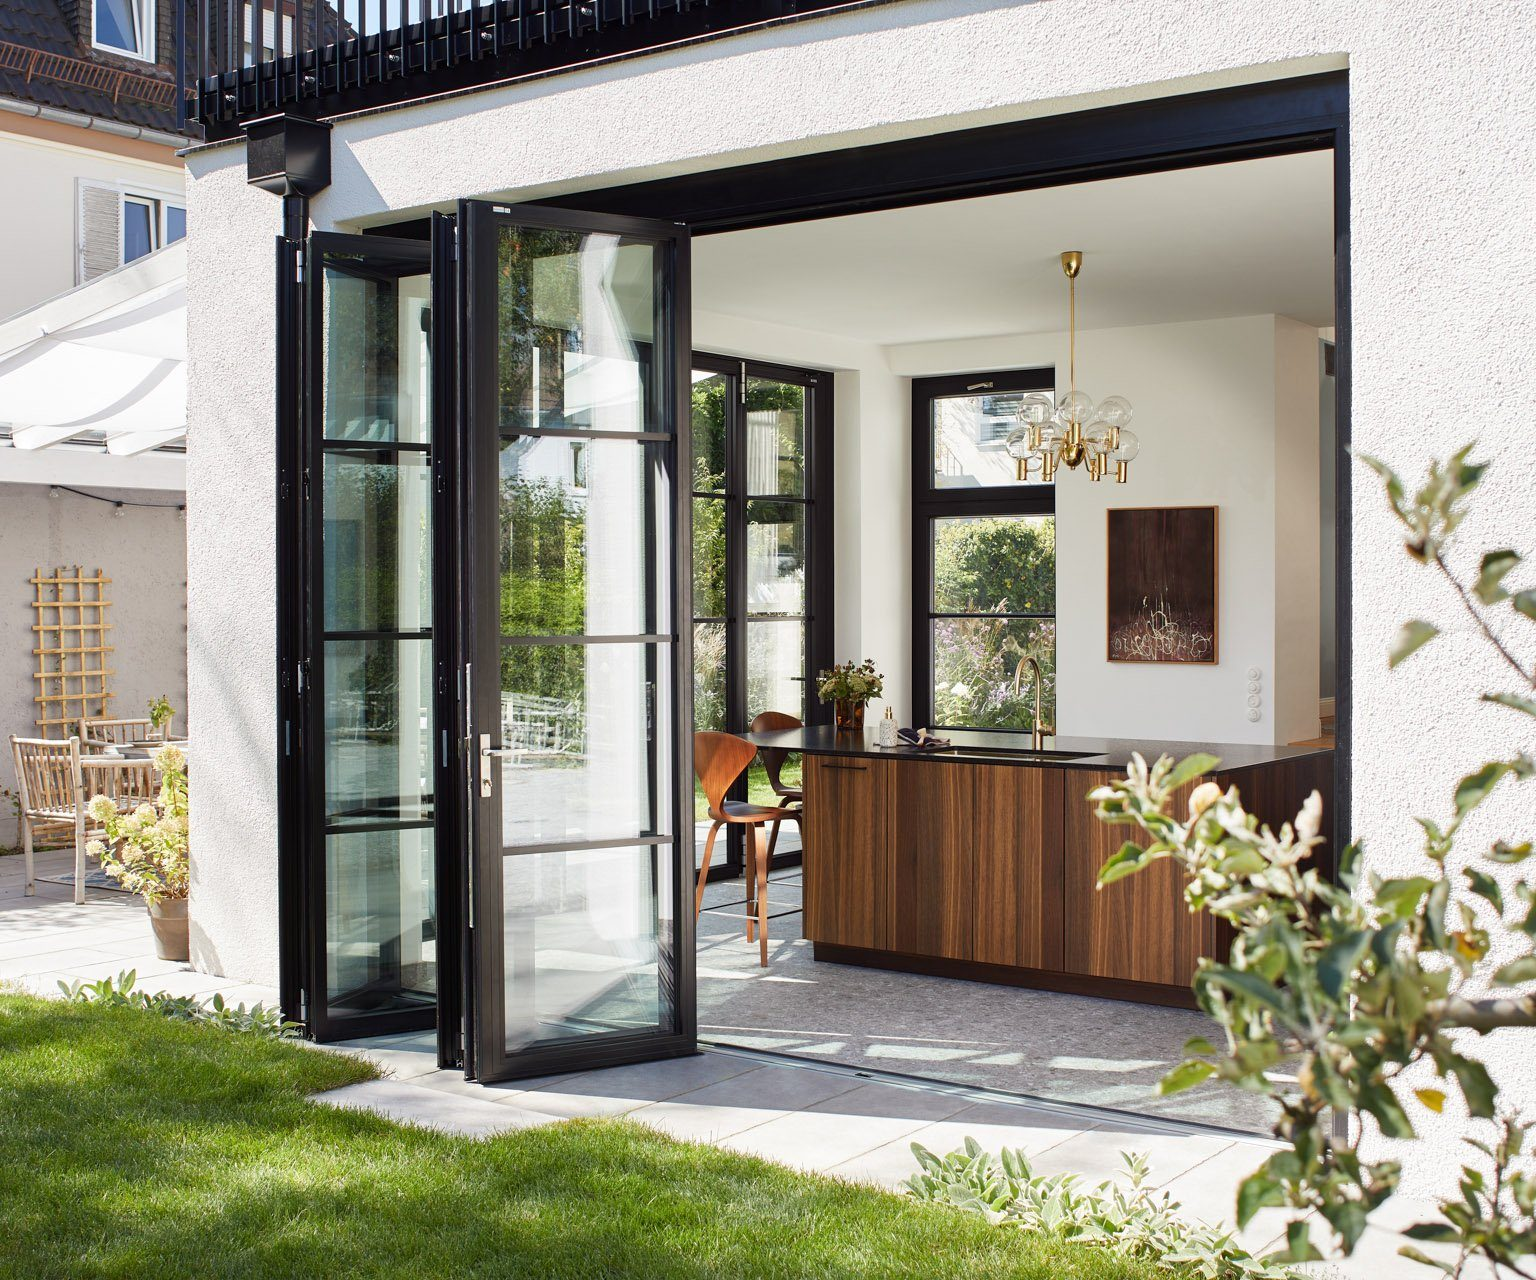 solarlux steel-look doors